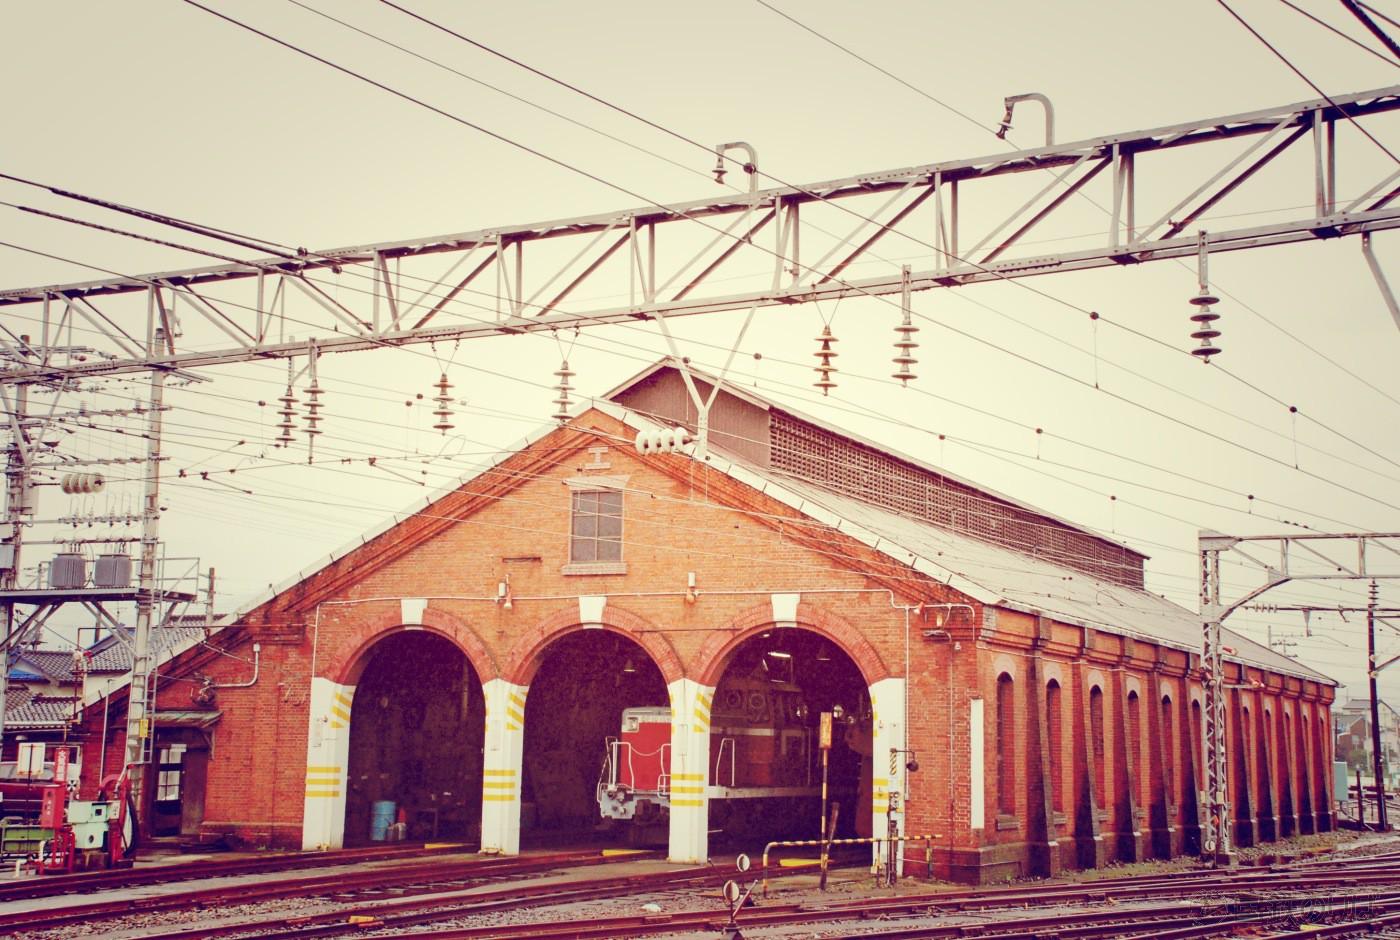 糸魚川駅のシンボルだった「糸魚川駅機関車庫1号」、通称赤レンガ車庫。